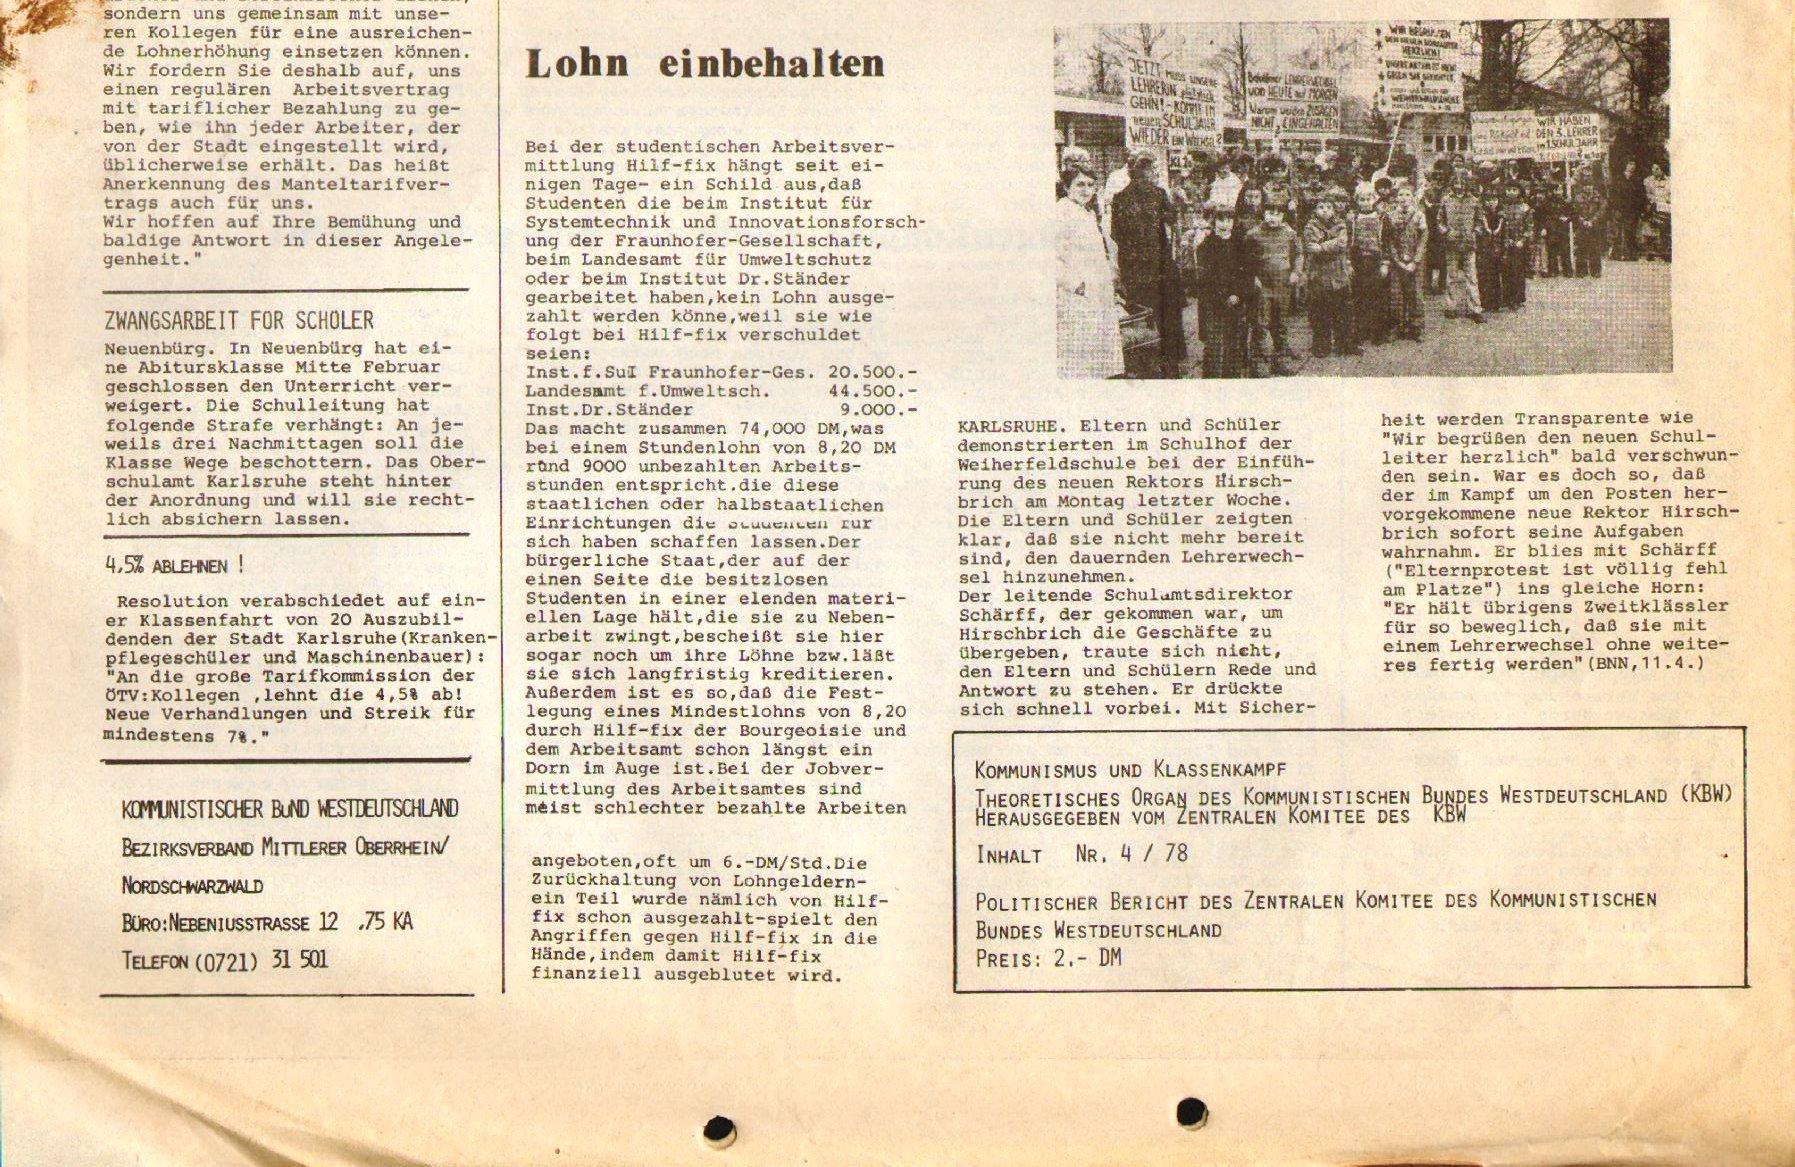 Oberrhein_KVZ550